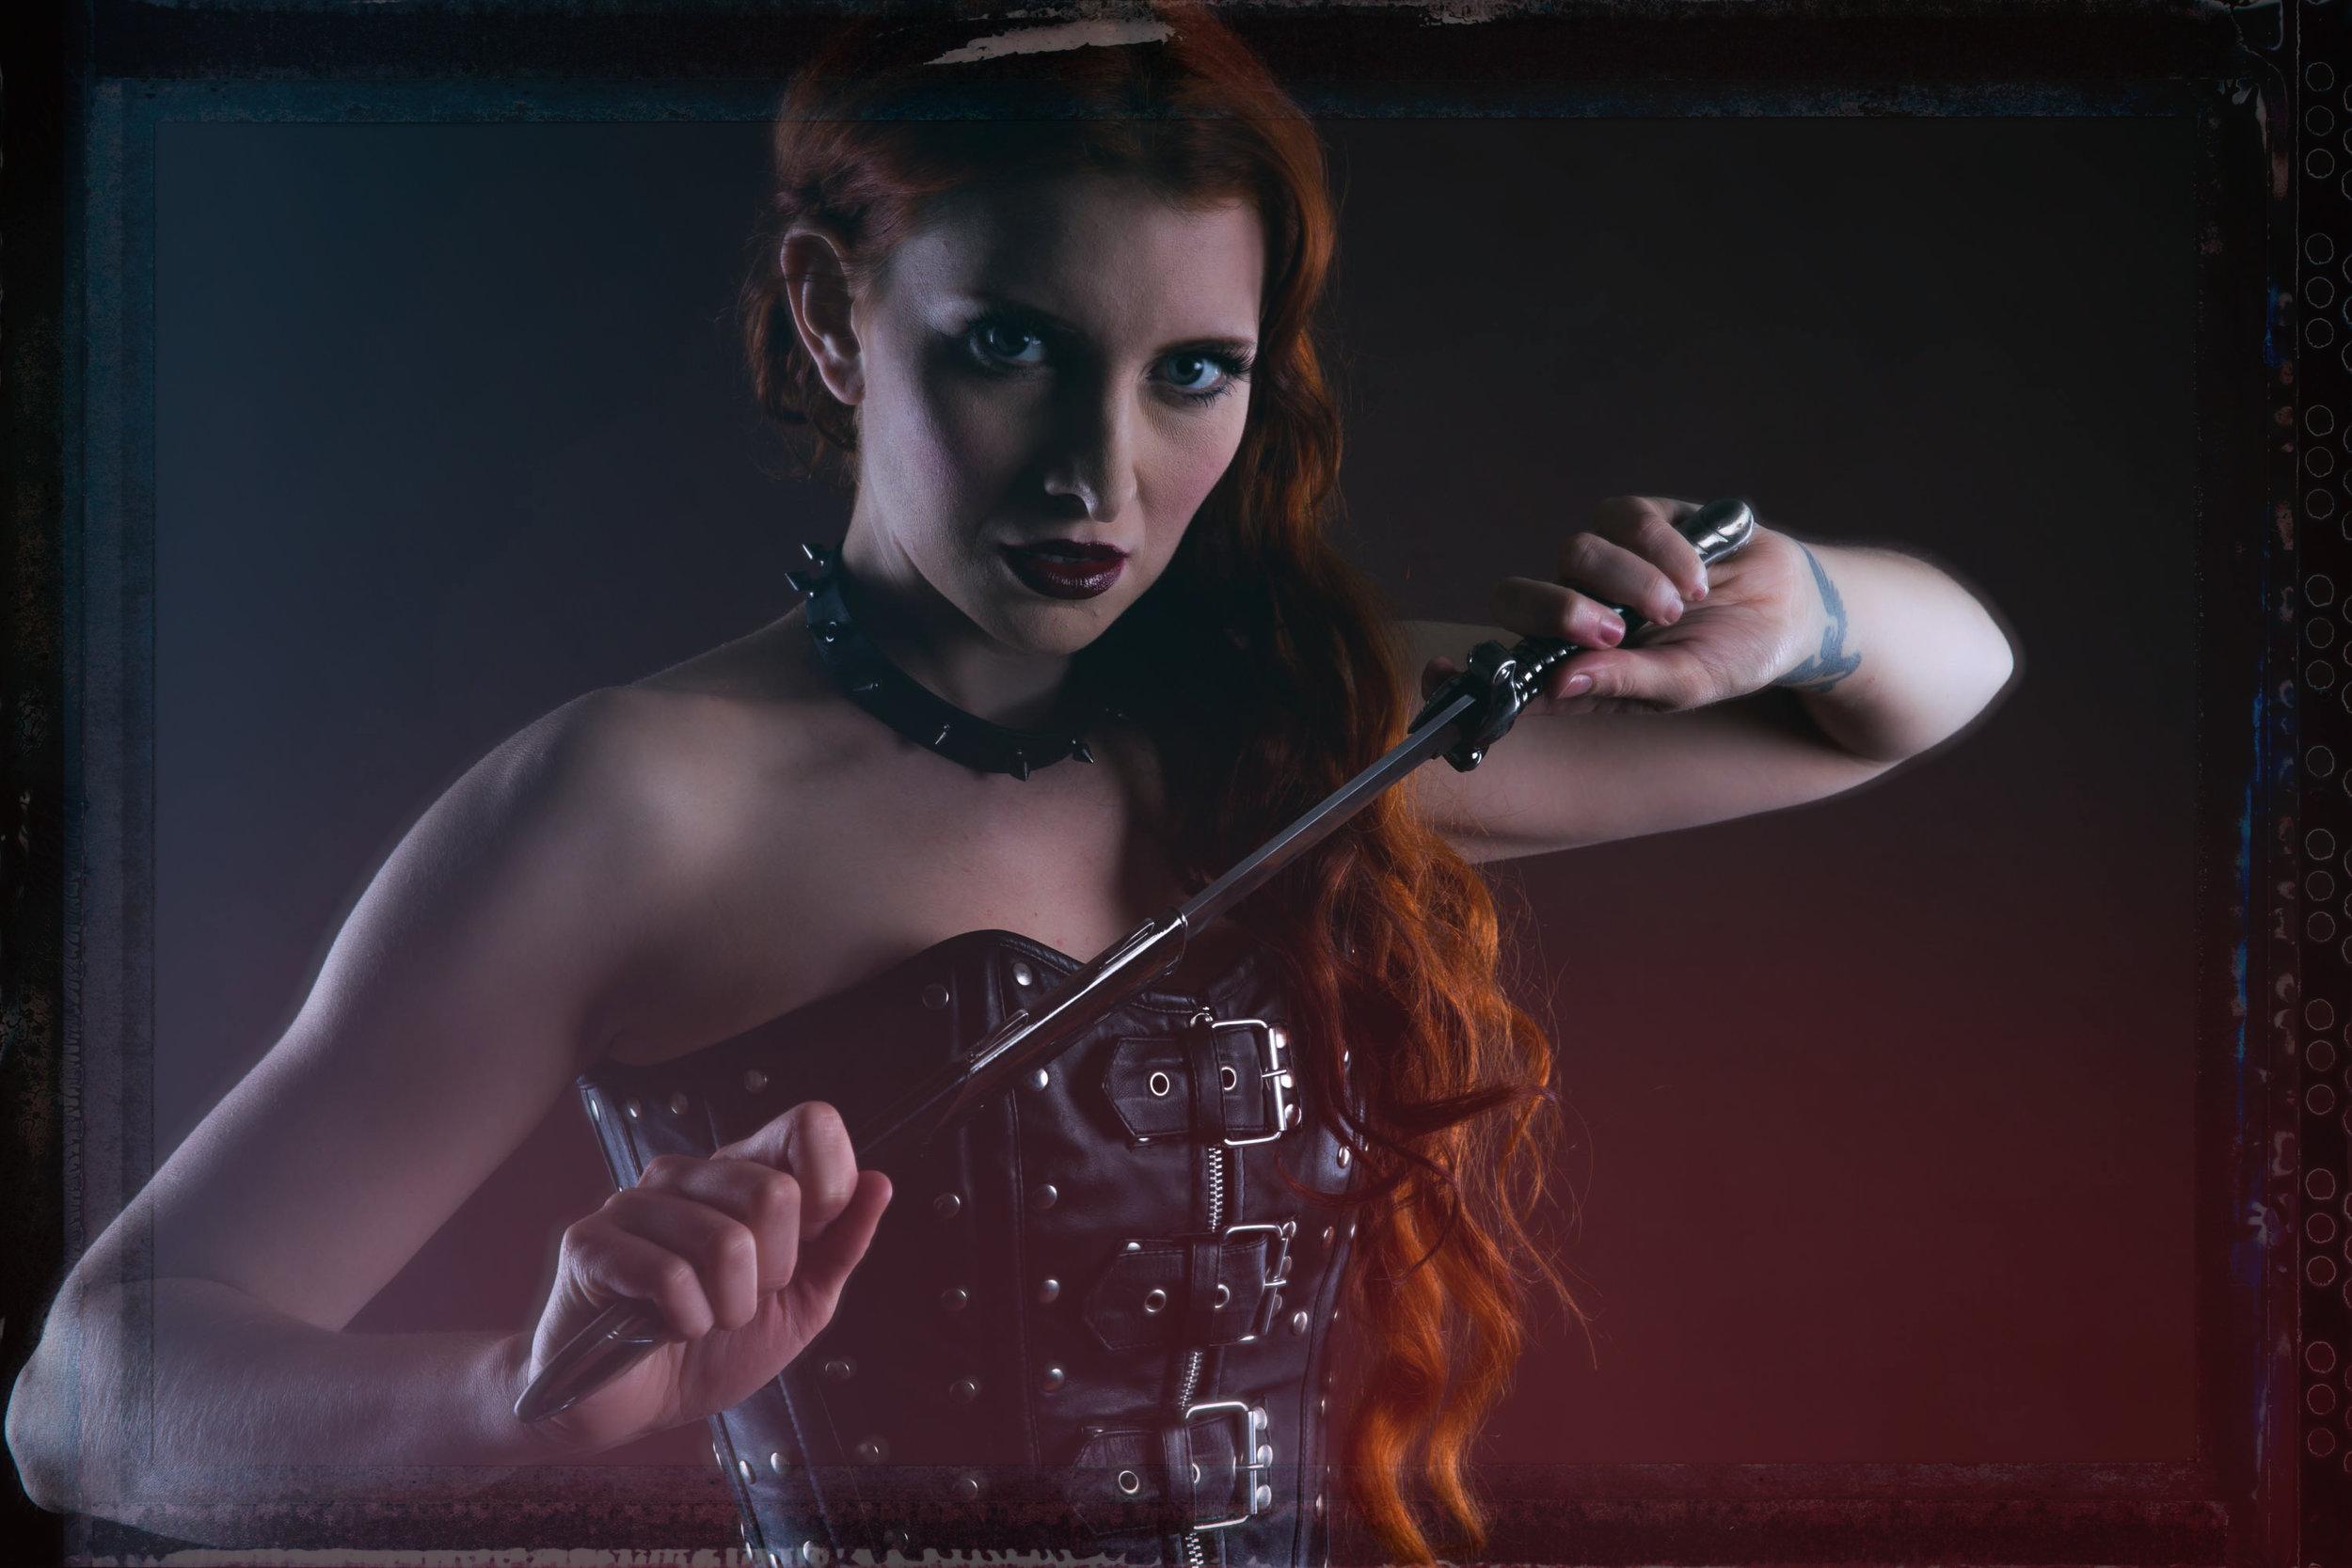 Model Cat Ross | Photographer Boris Mirkin